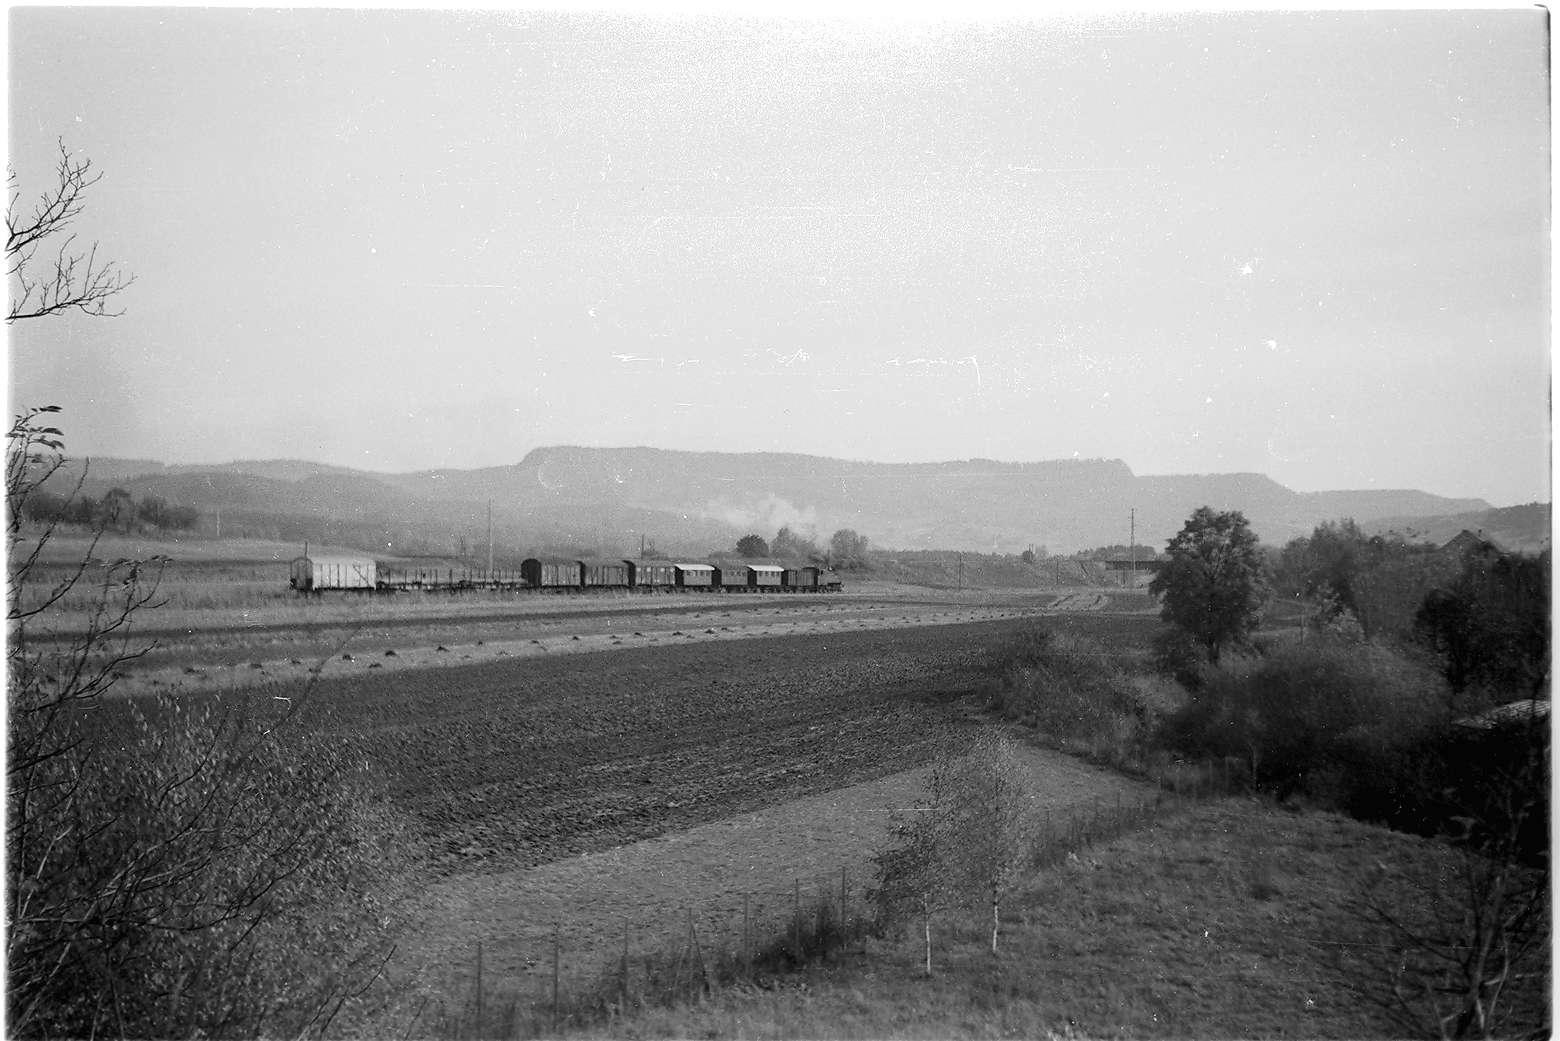 Zug 305, Lok 16 Richtung Schlatt mit Albtrauf, Bild 1